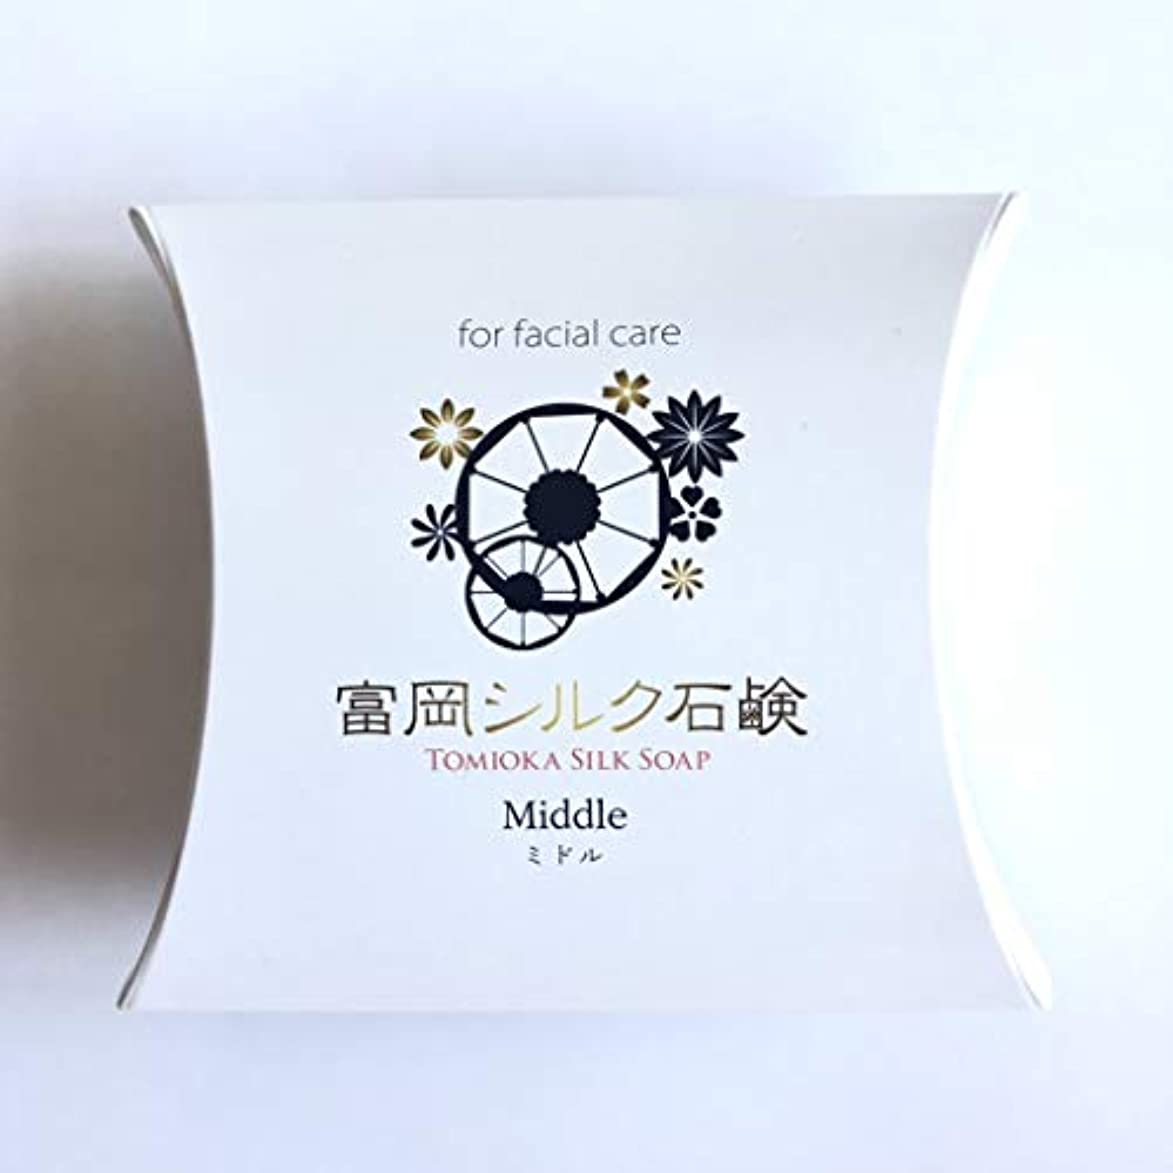 直径ベーカリー胚芽絹工房 富岡シルク石鹸 ミドルサイズ(40g)